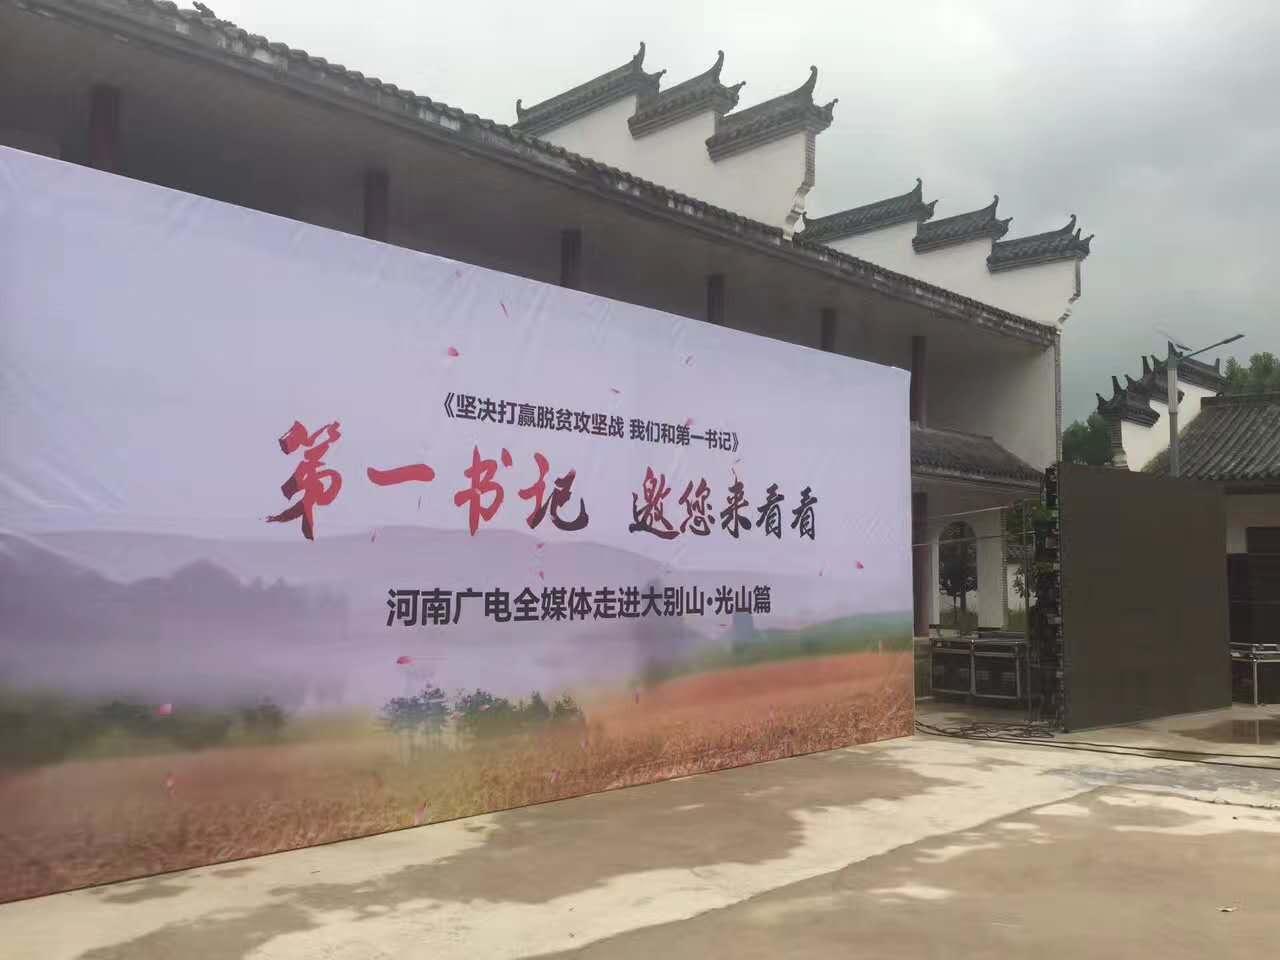 杨建国:河南广电全媒体充分发挥优势 成脱贫攻坚的新营销平台